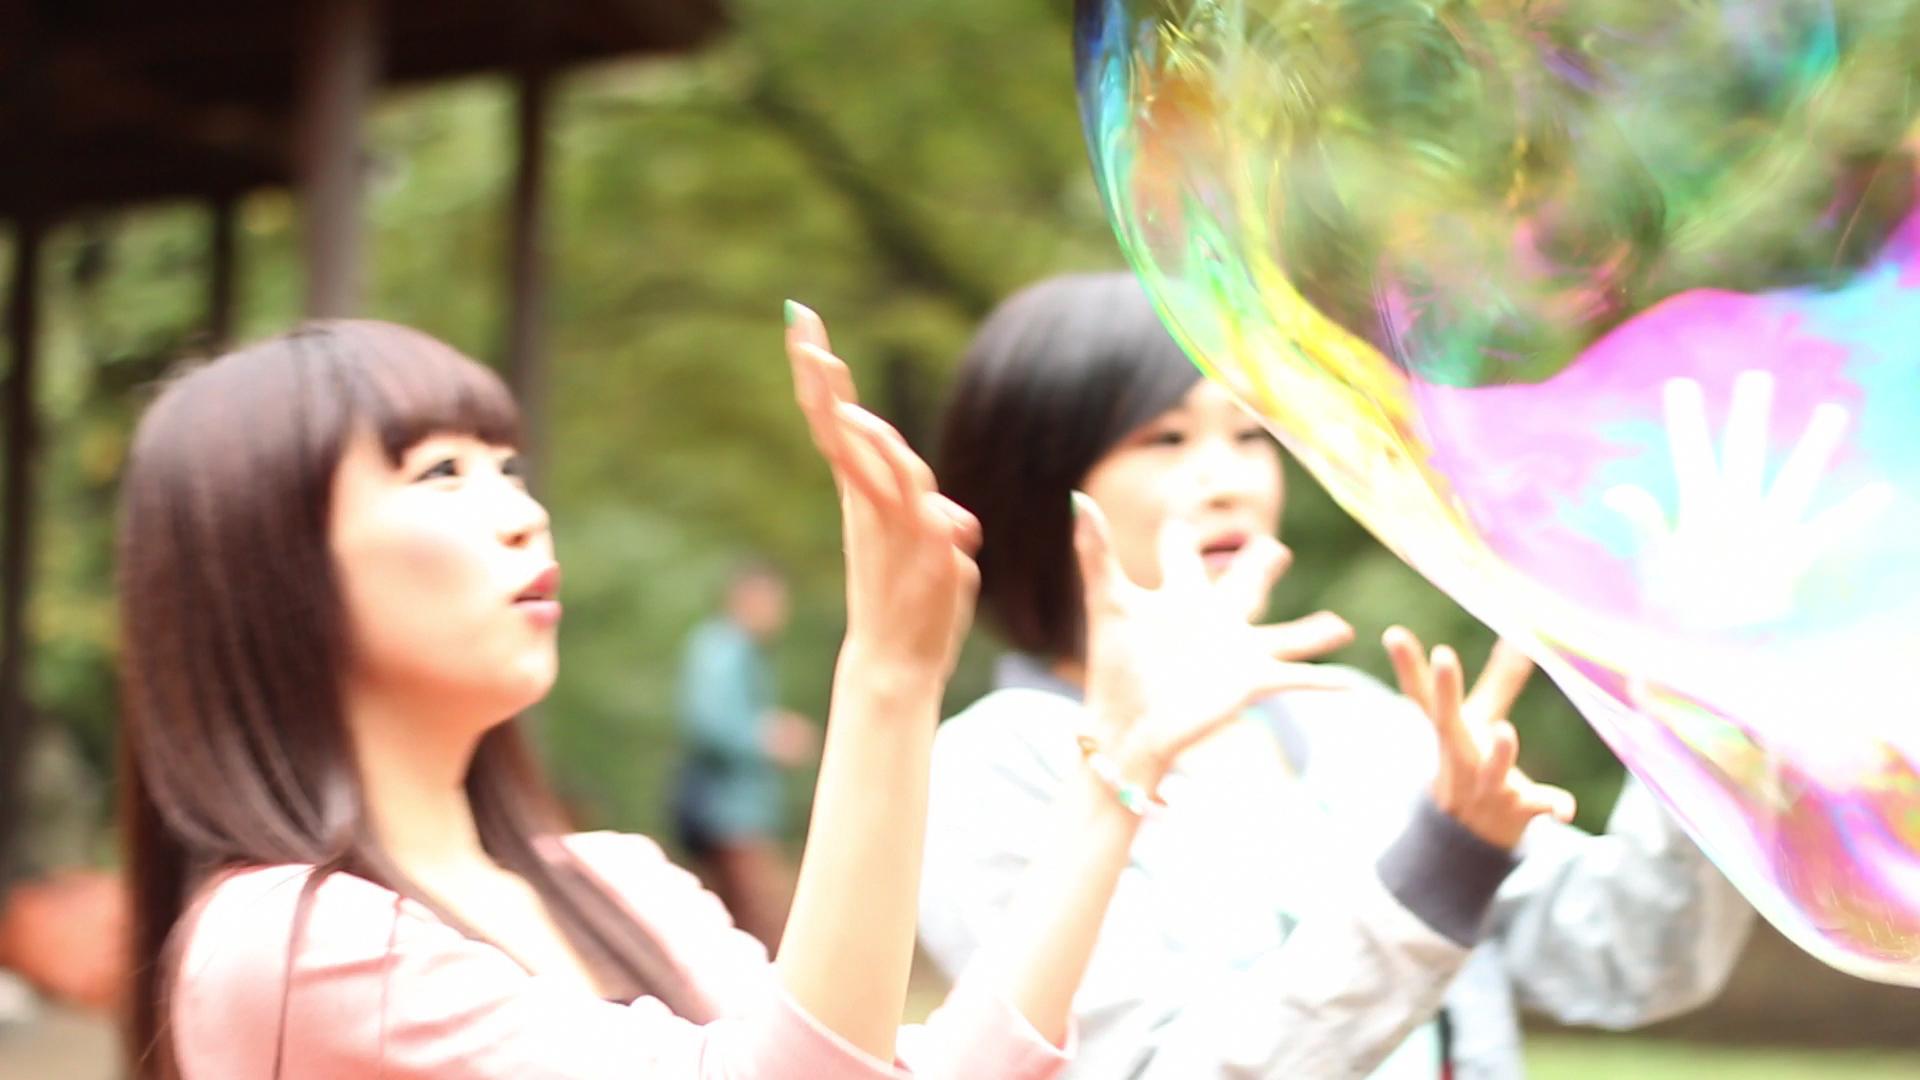 岡山県のアイドル界を牽引する実姉妹ユニット― S-Qty(エス・キューティ) 朝香・愛理姉妹、卒業。感謝の1310 days・・・5th.ラストシングル 『Last Spring Snow EP』 5月21日(水)緊急リリース決定!!